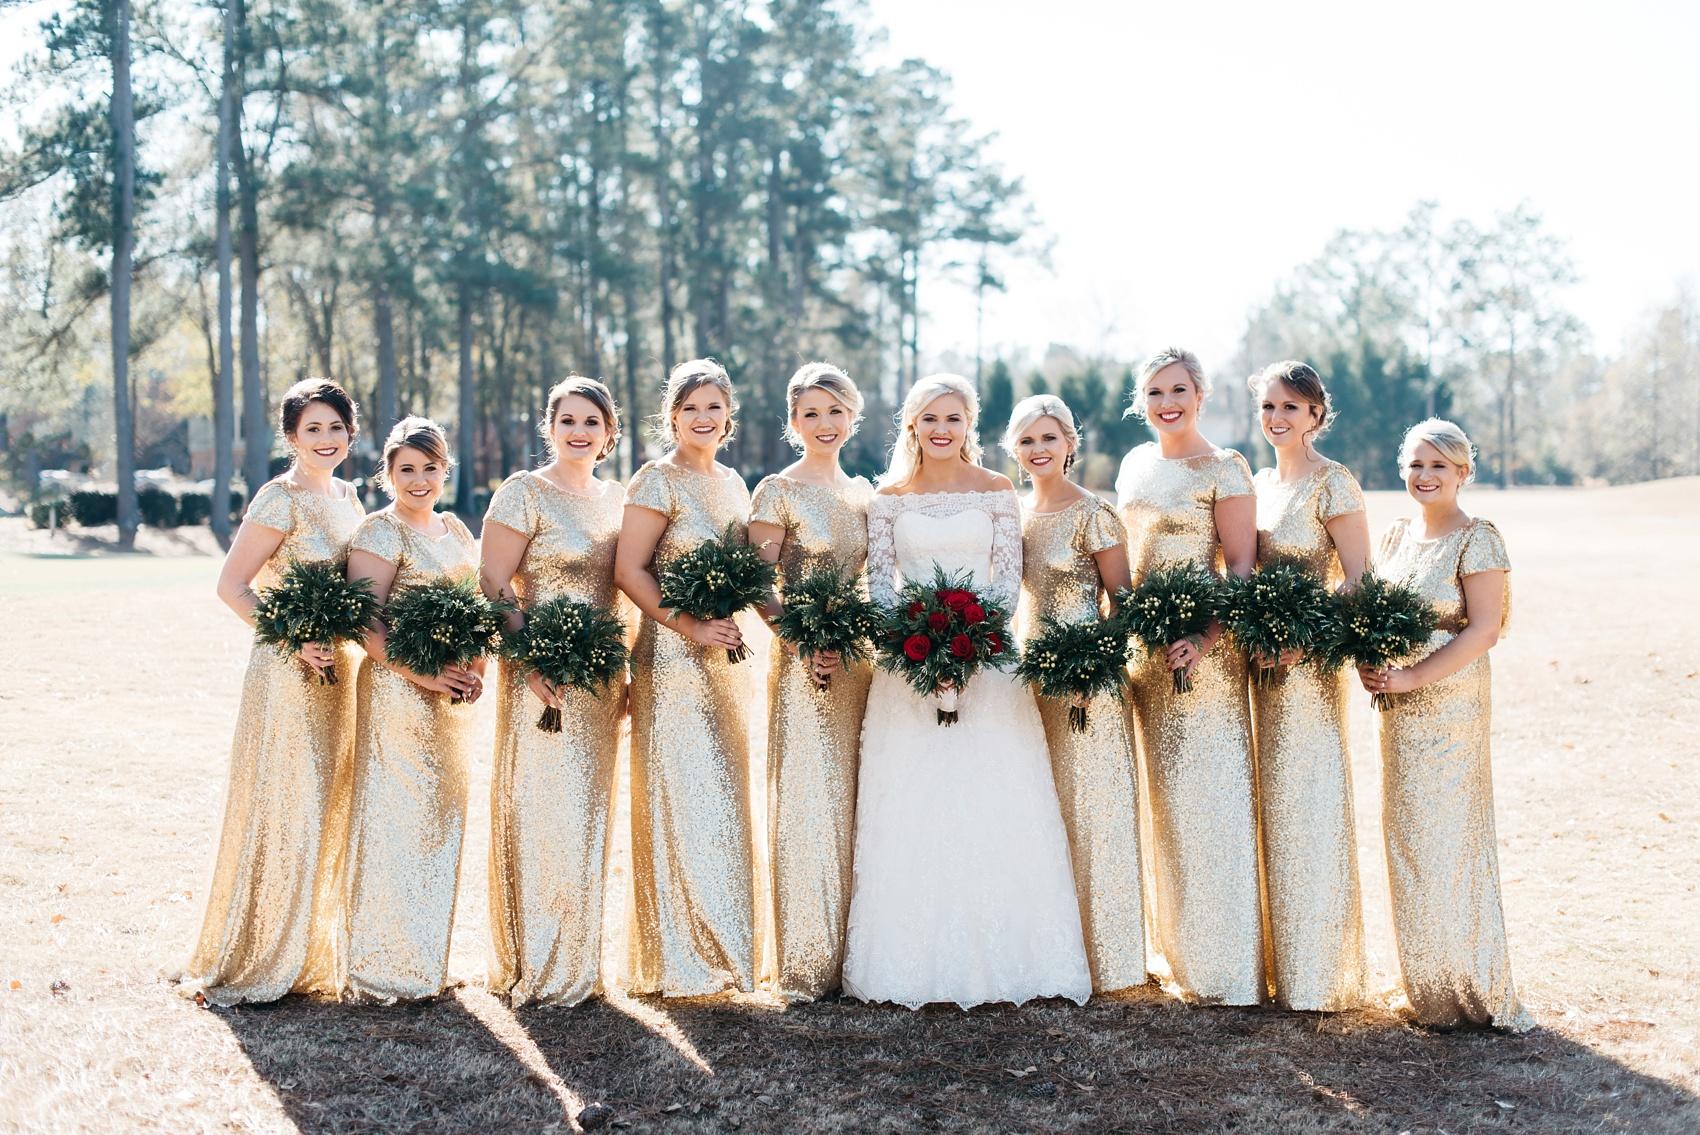 stillco_wedding_3179.jpg